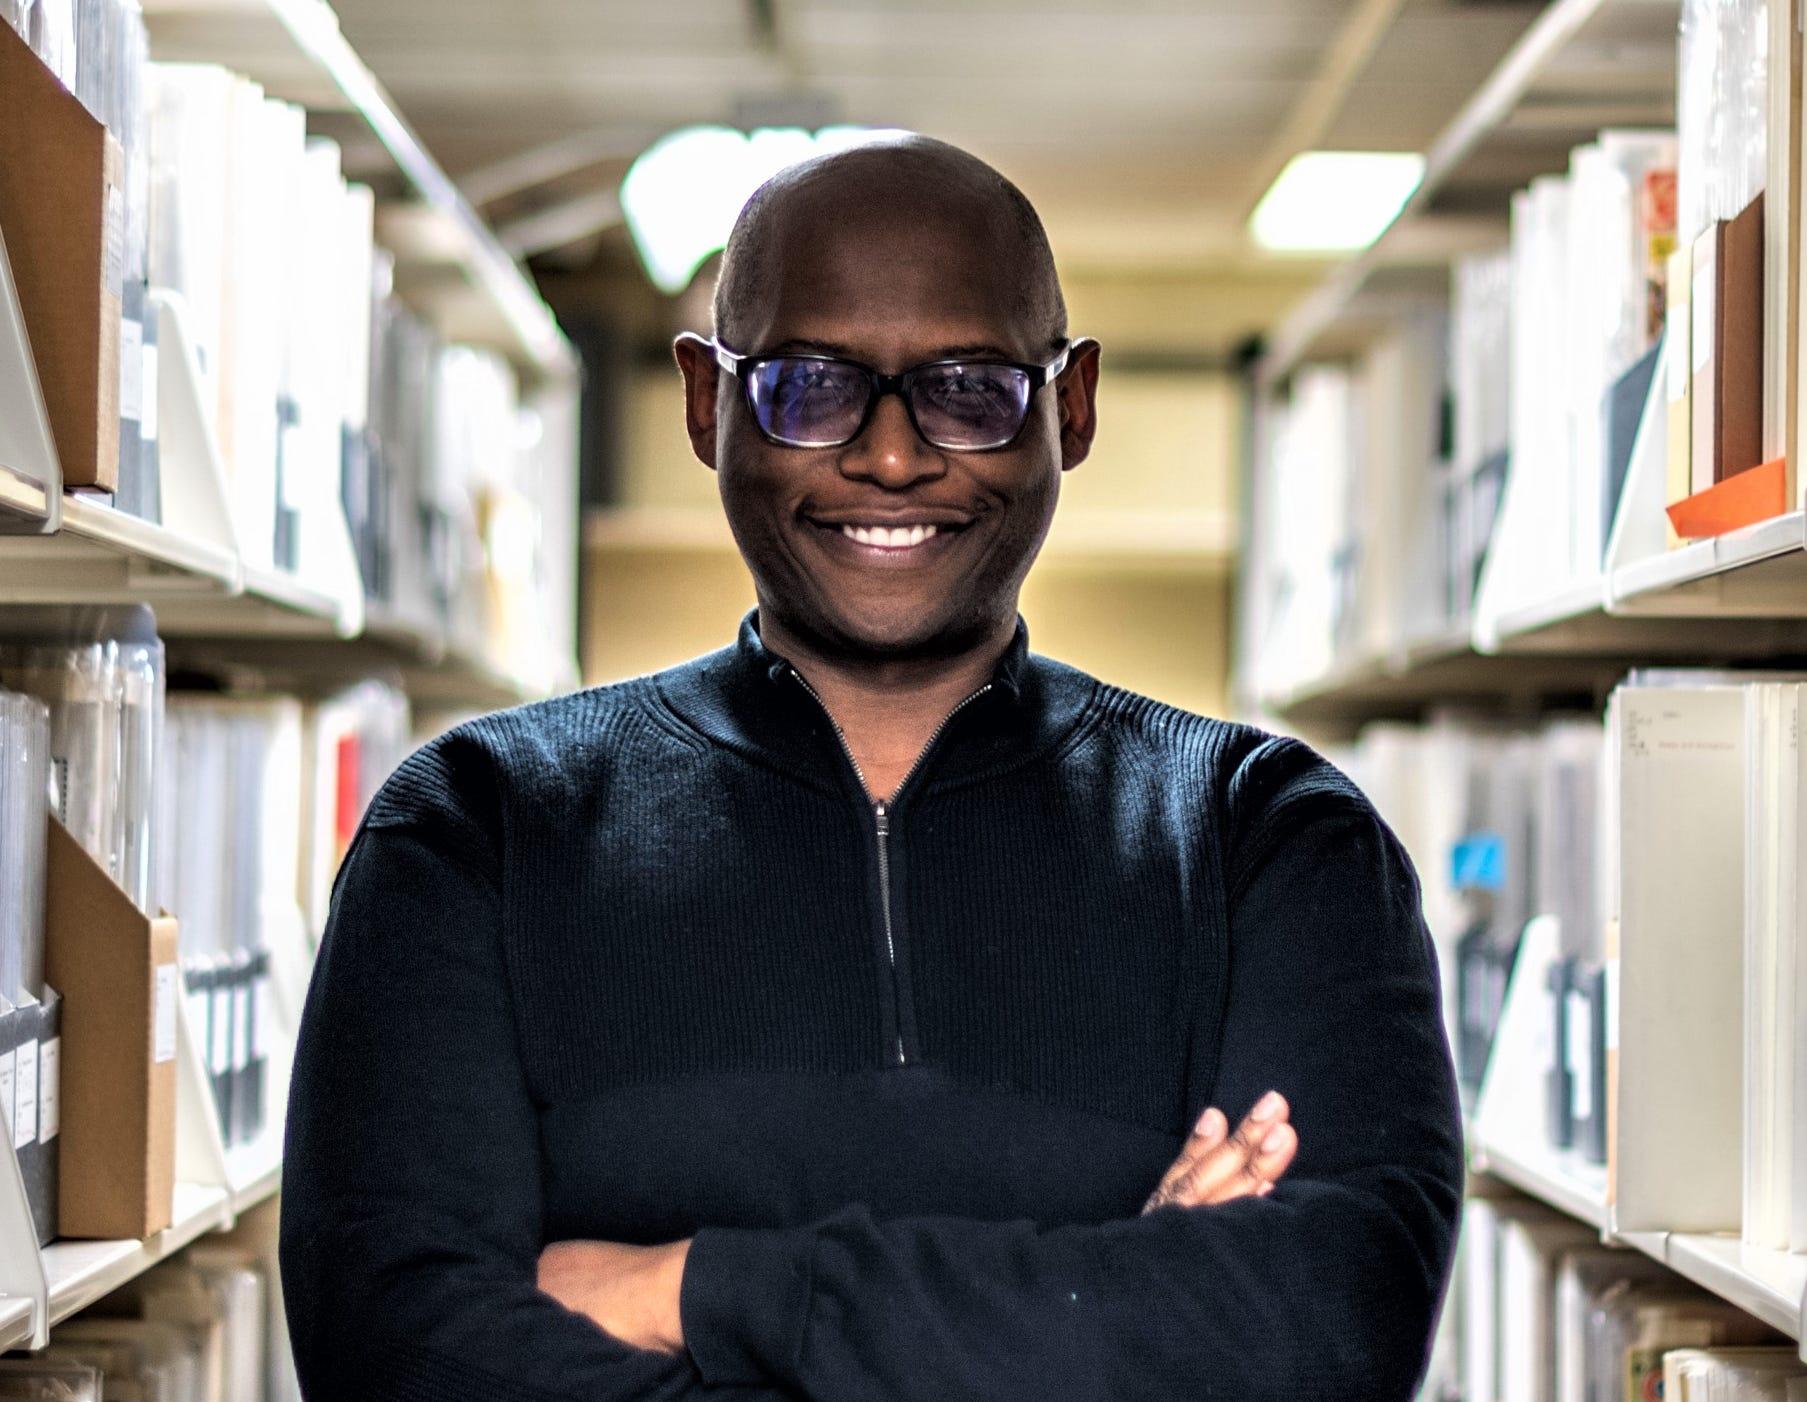 Julian Chambliss, Michigan State University professor.